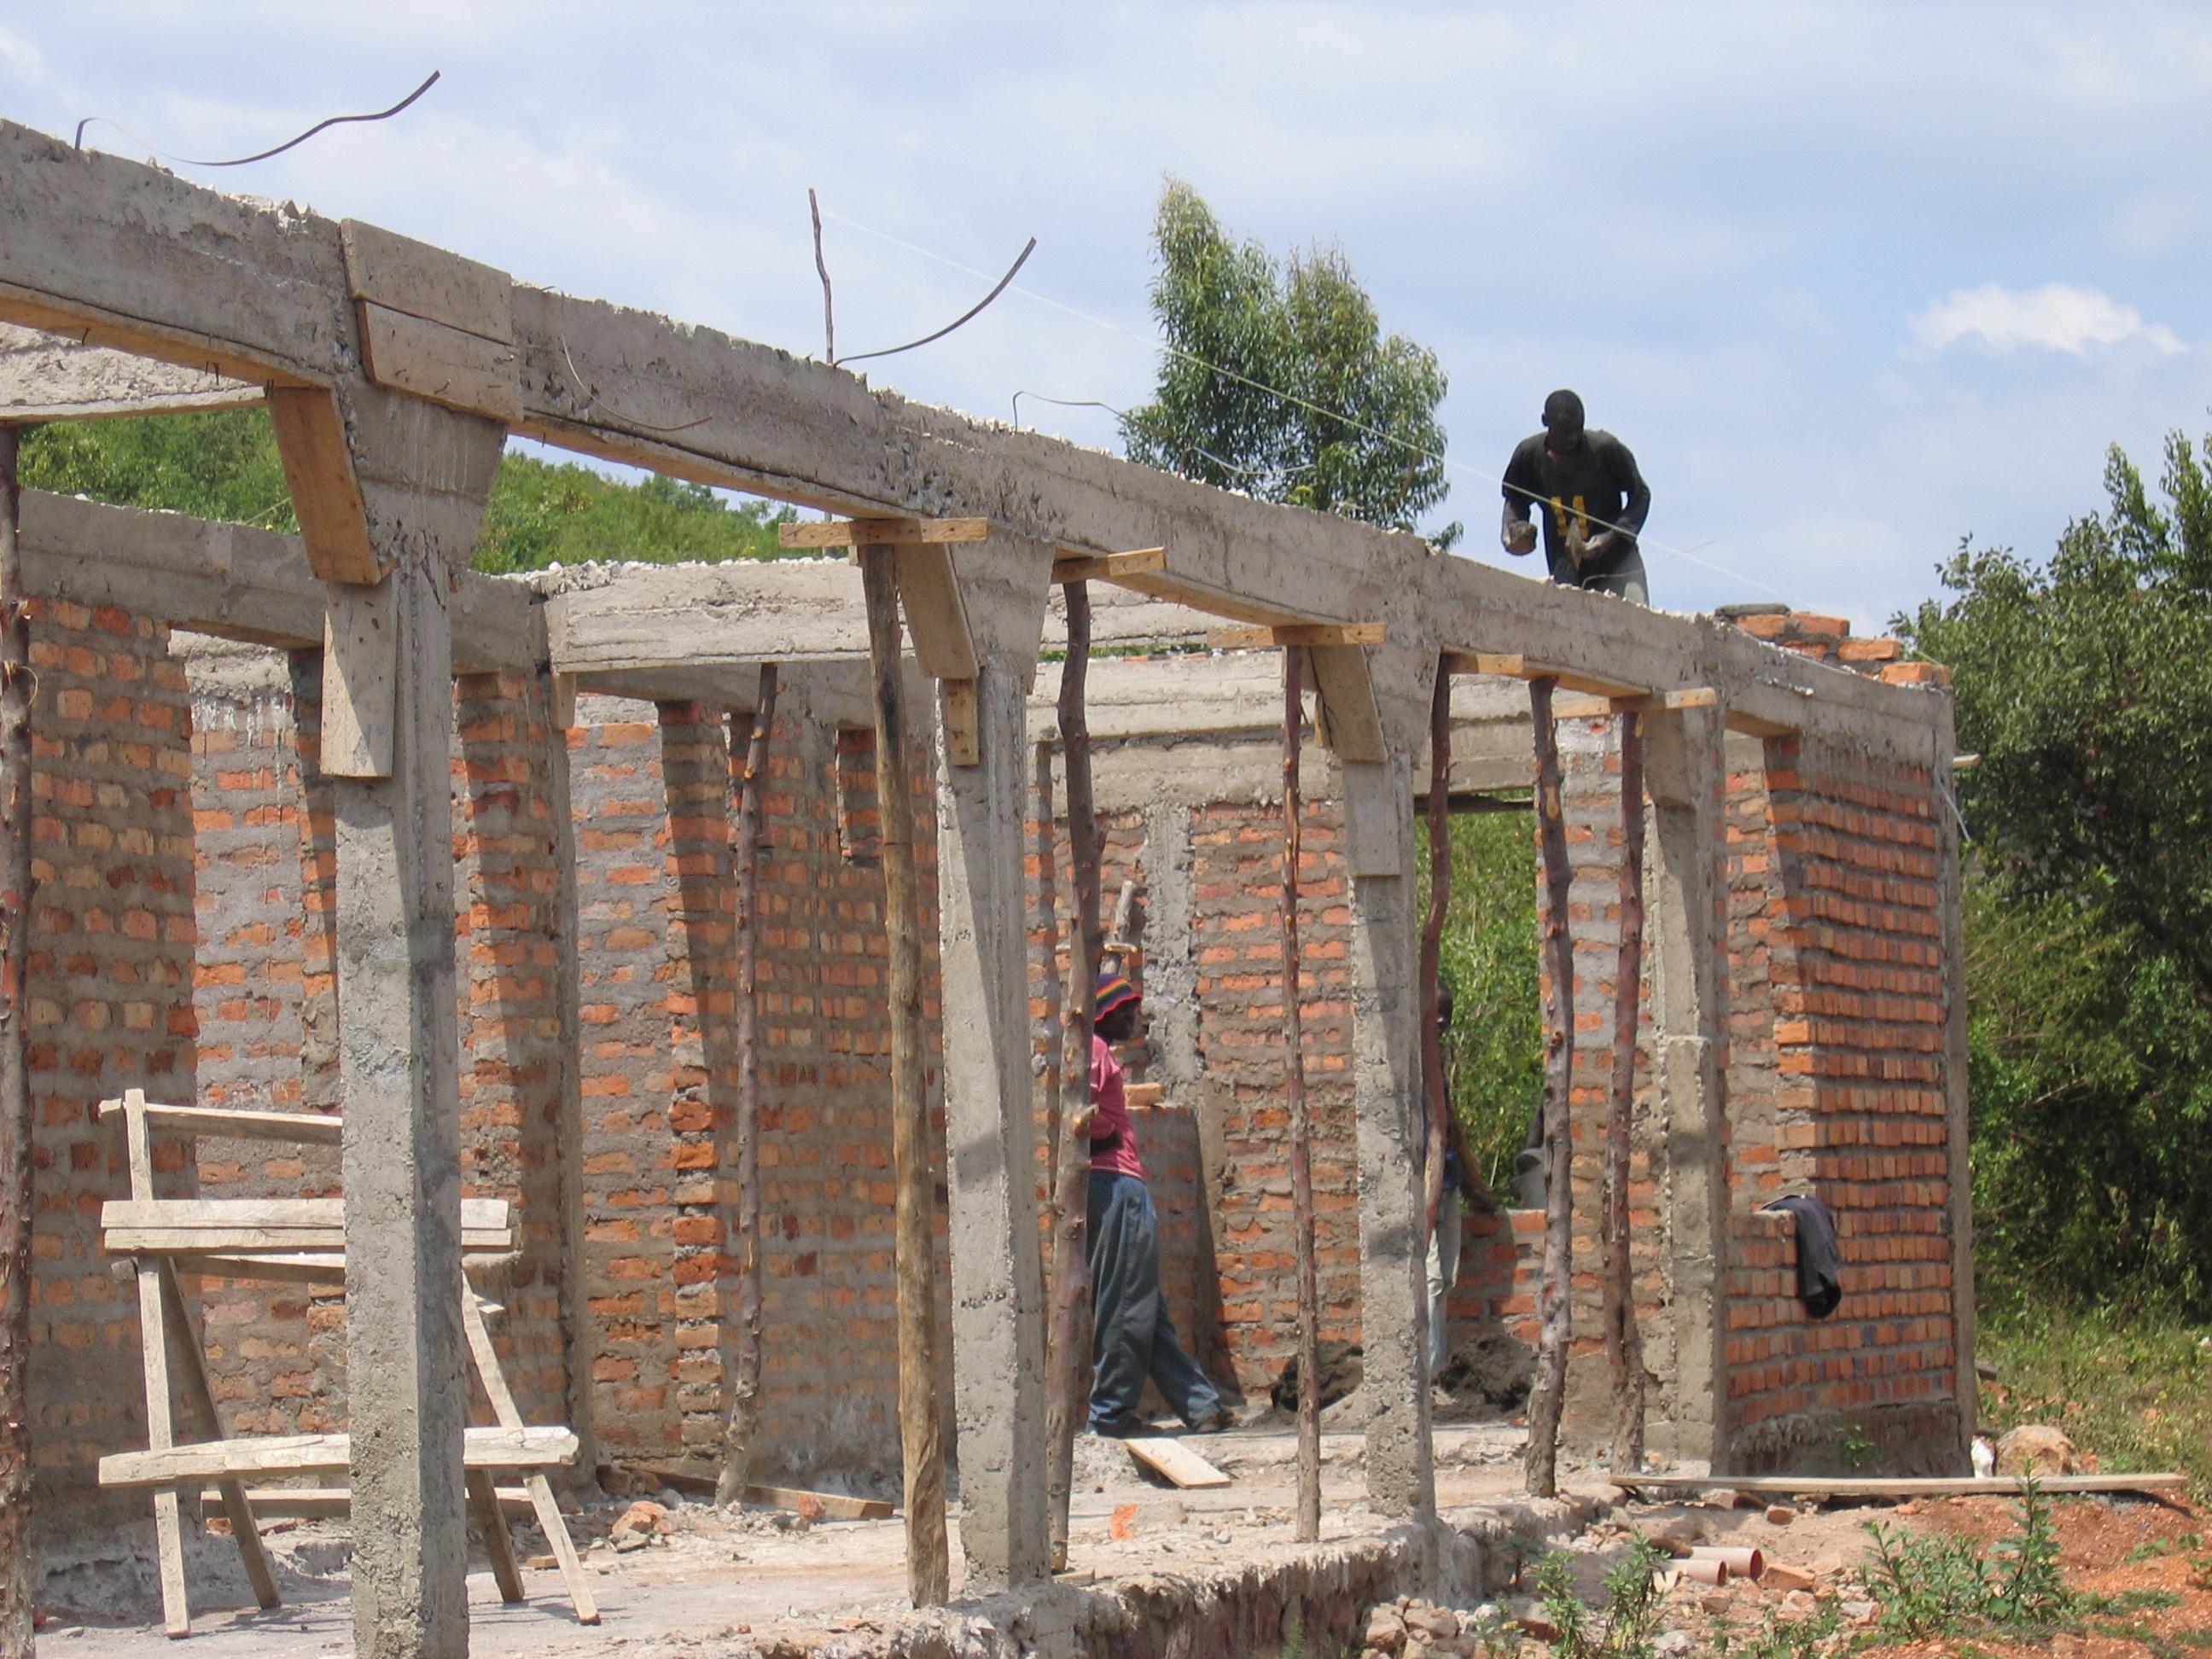 Construction began in 2005